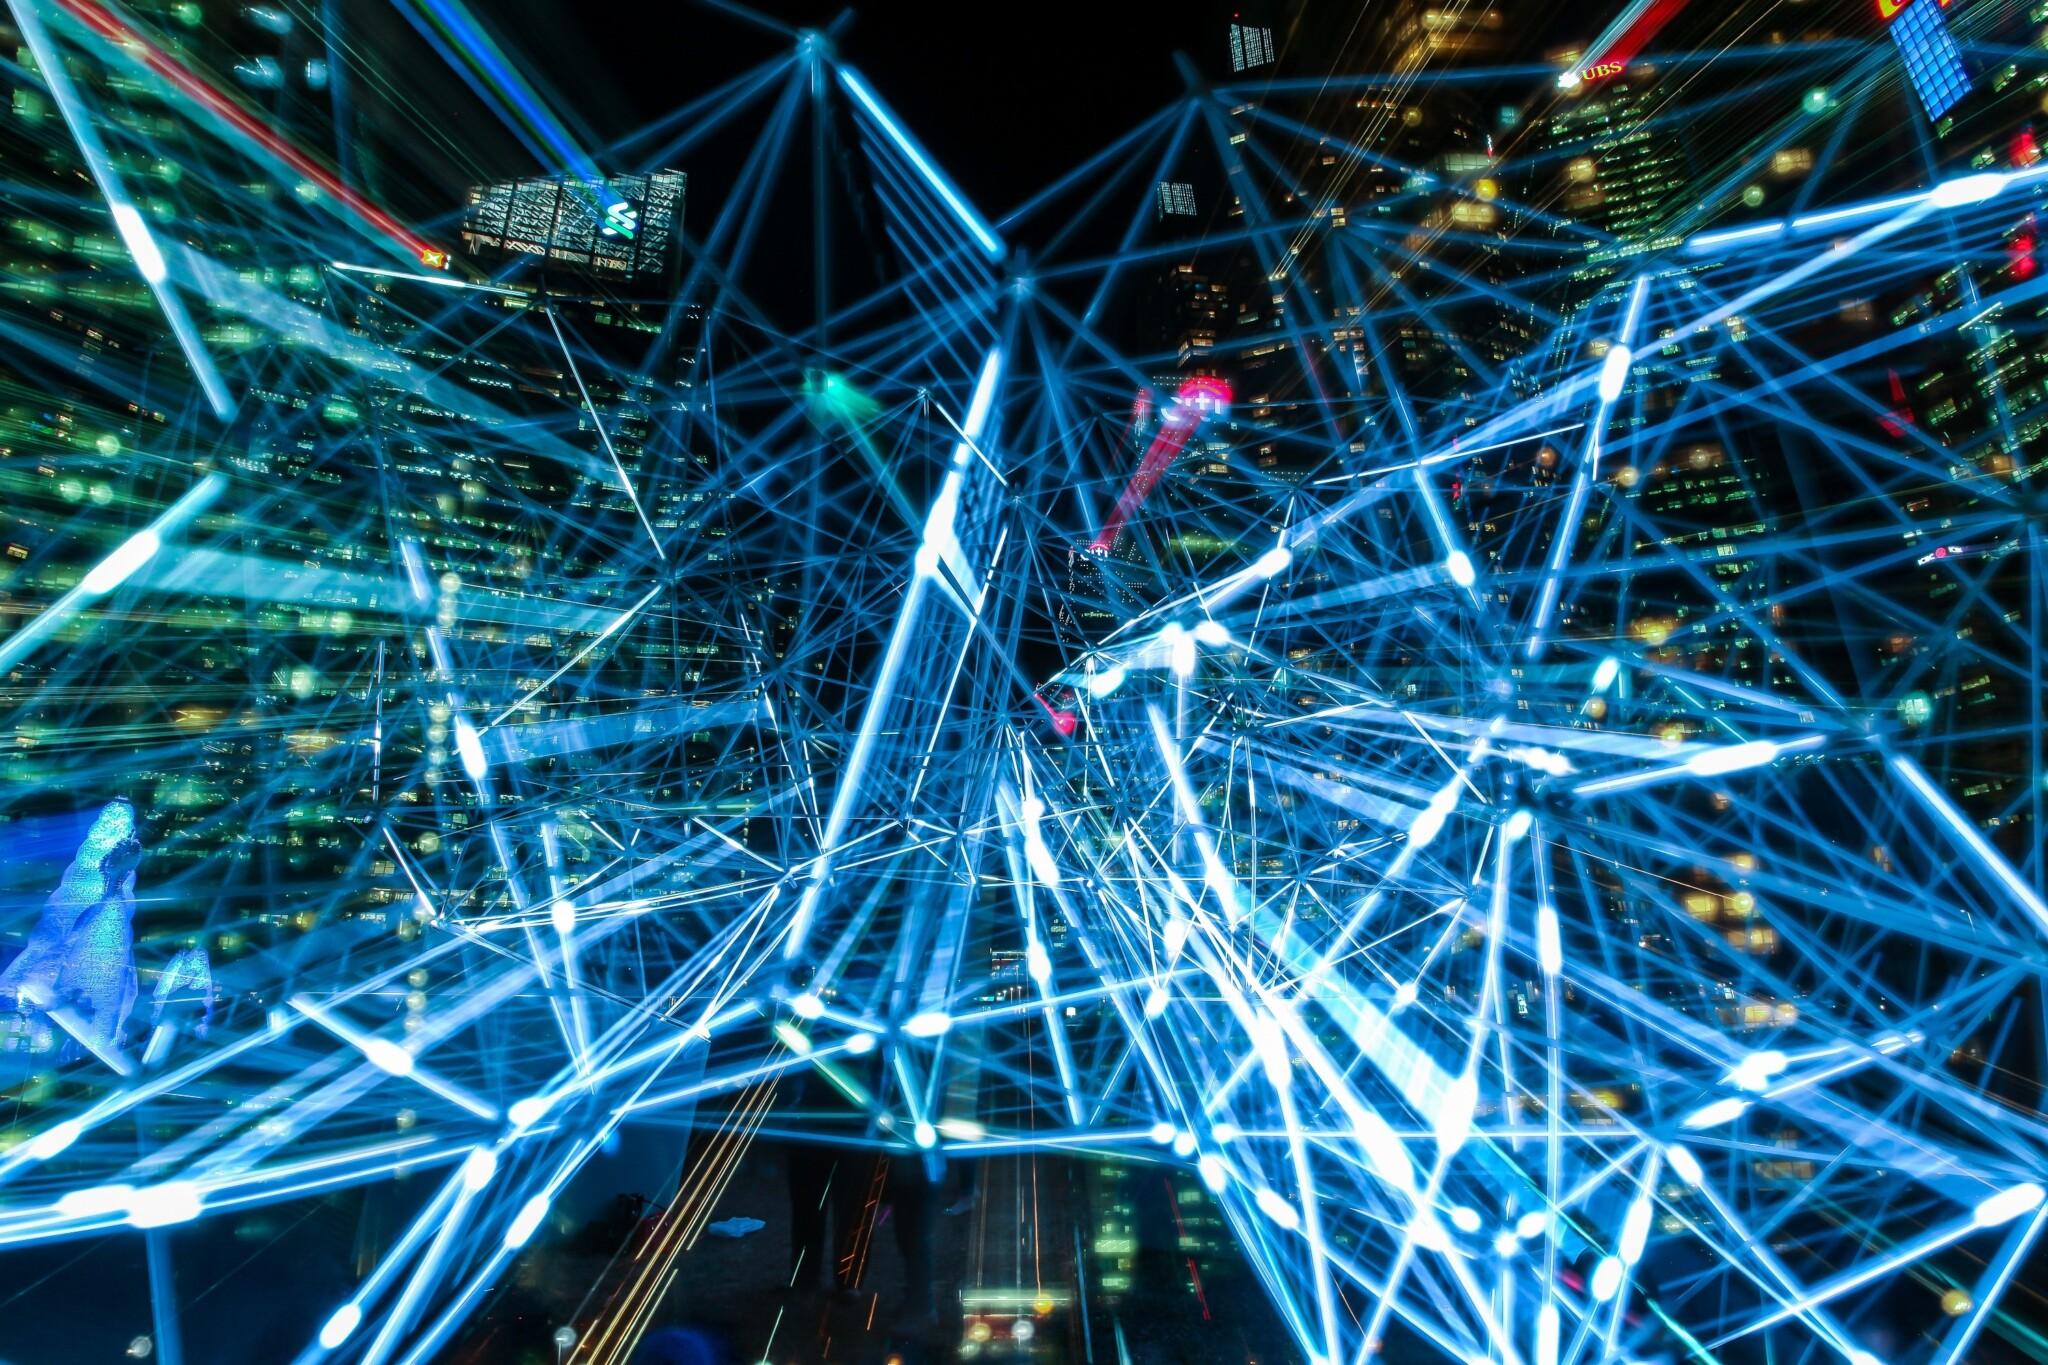 Wie regeln wir künstliche Intelligenz? Eine Diskussion zur aktuellen Debatte im Europarat